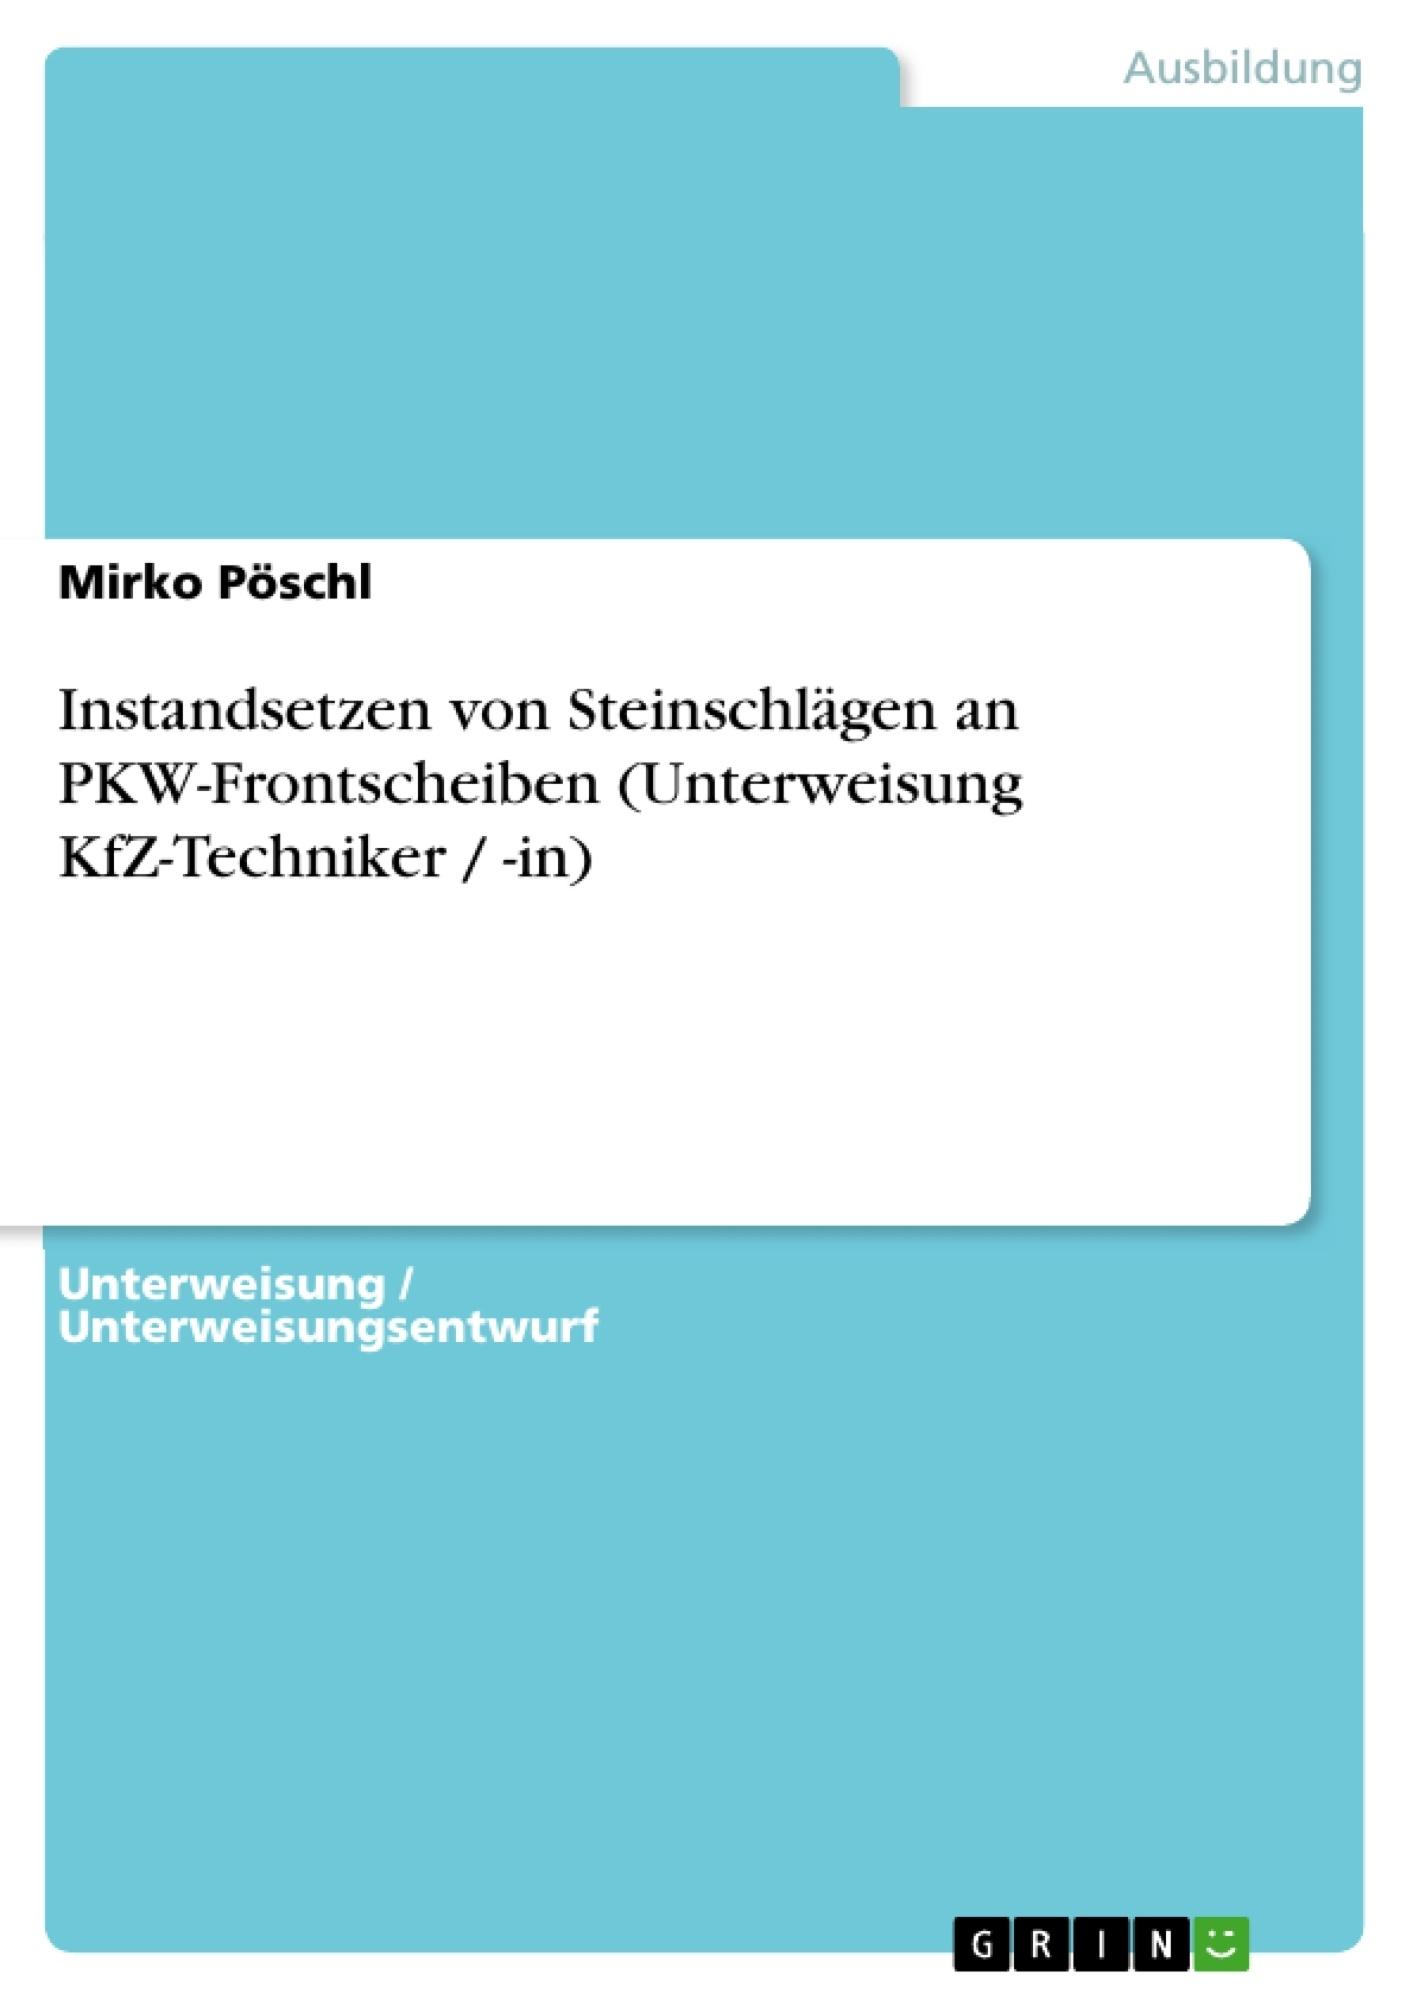 Titel: Instandsetzen von Steinschlägen an PKW-Frontscheiben (Unterweisung KfZ-Techniker / -in)